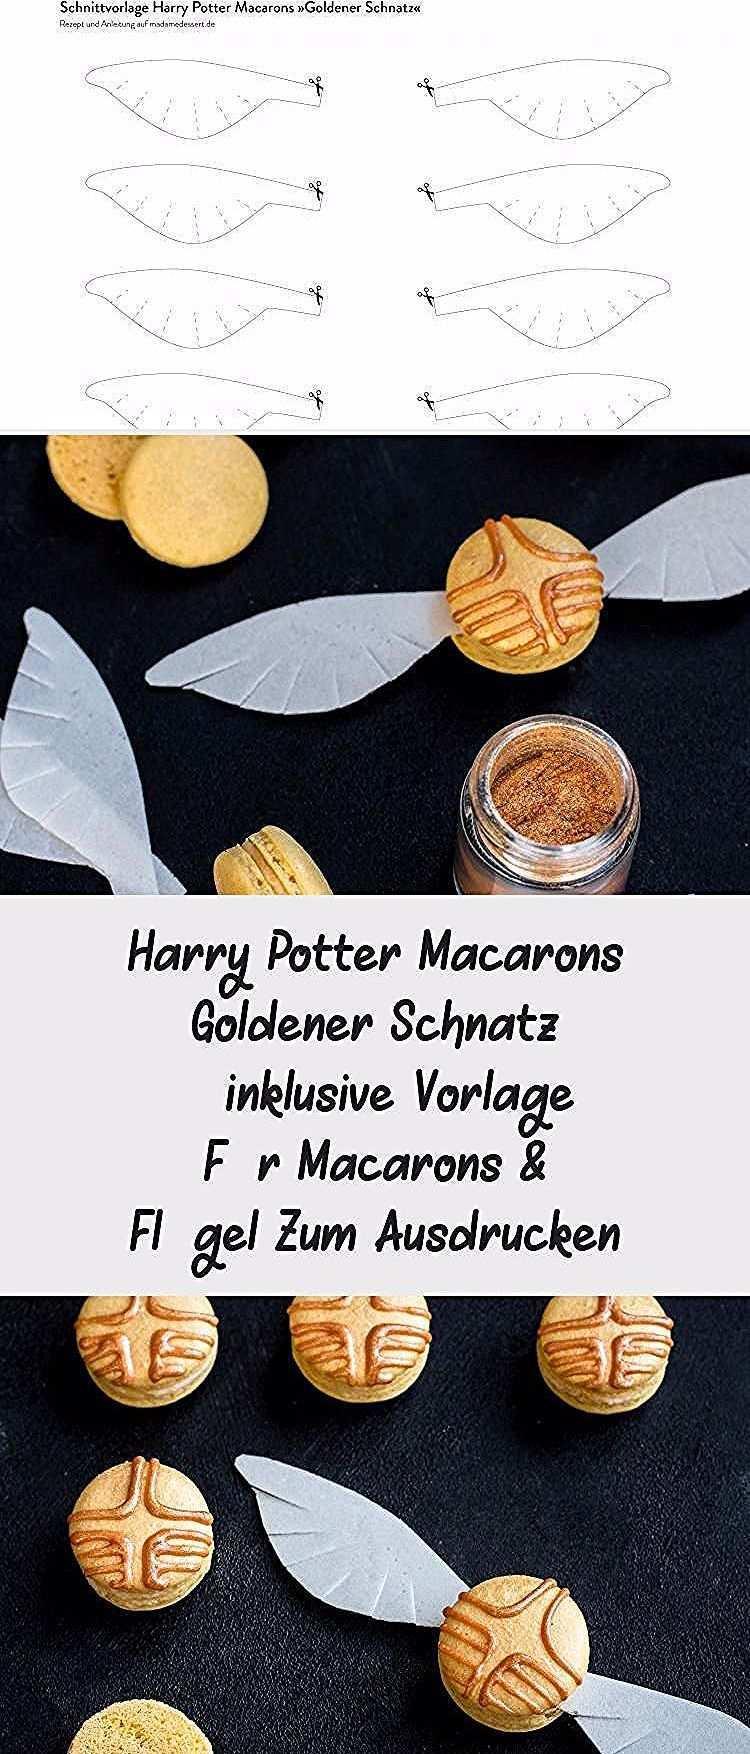 Anleitung Rezept Harry Potter Macarons Goldener Schnatz Inklusive Vorlage Fur Macarons Flugel Zum Ausdrucken Madame Dessert In 2020 Recipes Cookie Recipes Food